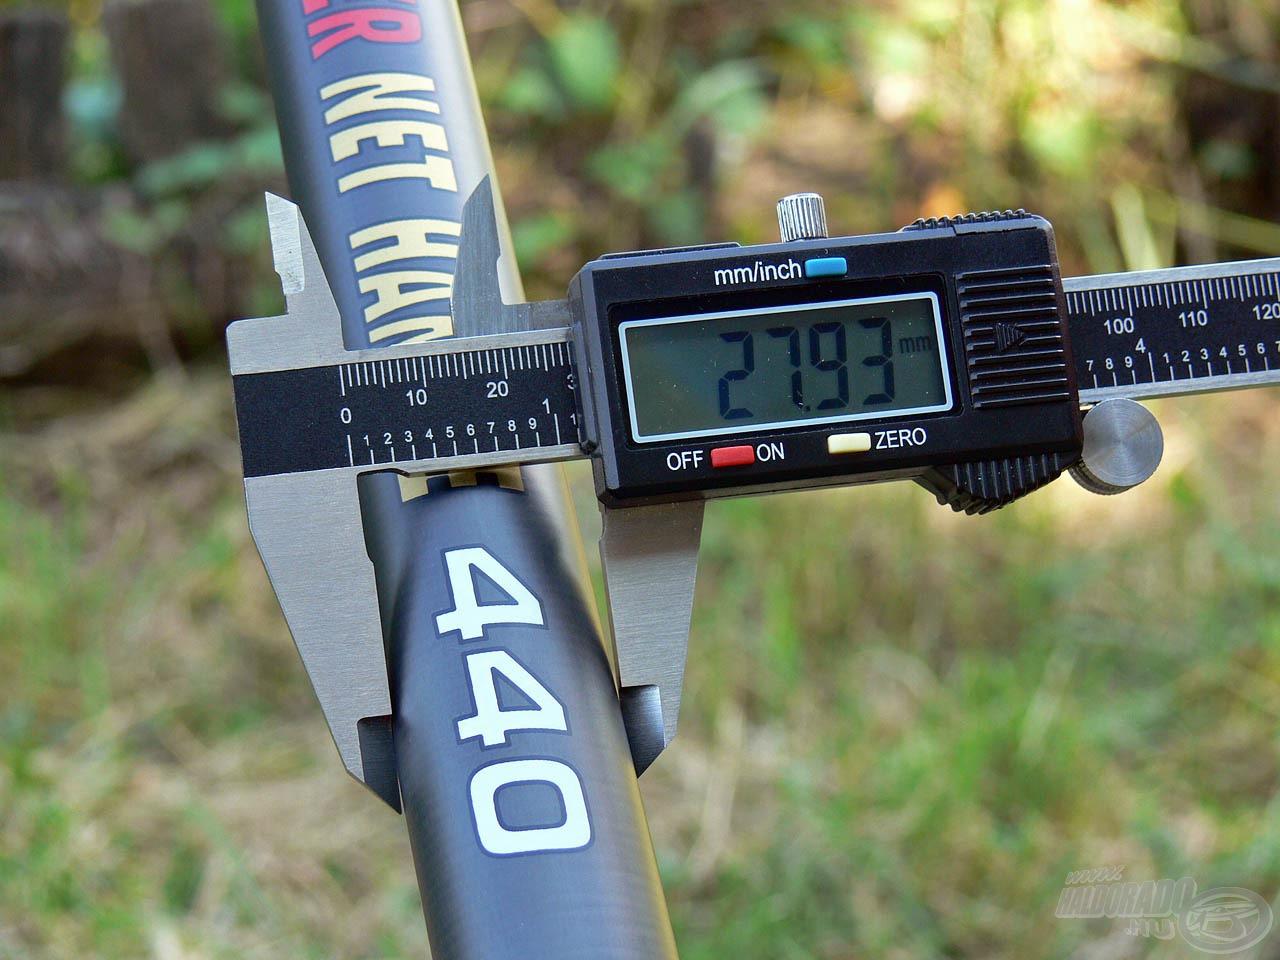 A nyéltag átmérője ebben az esetben is csekély maradt, mindössze 28 mm